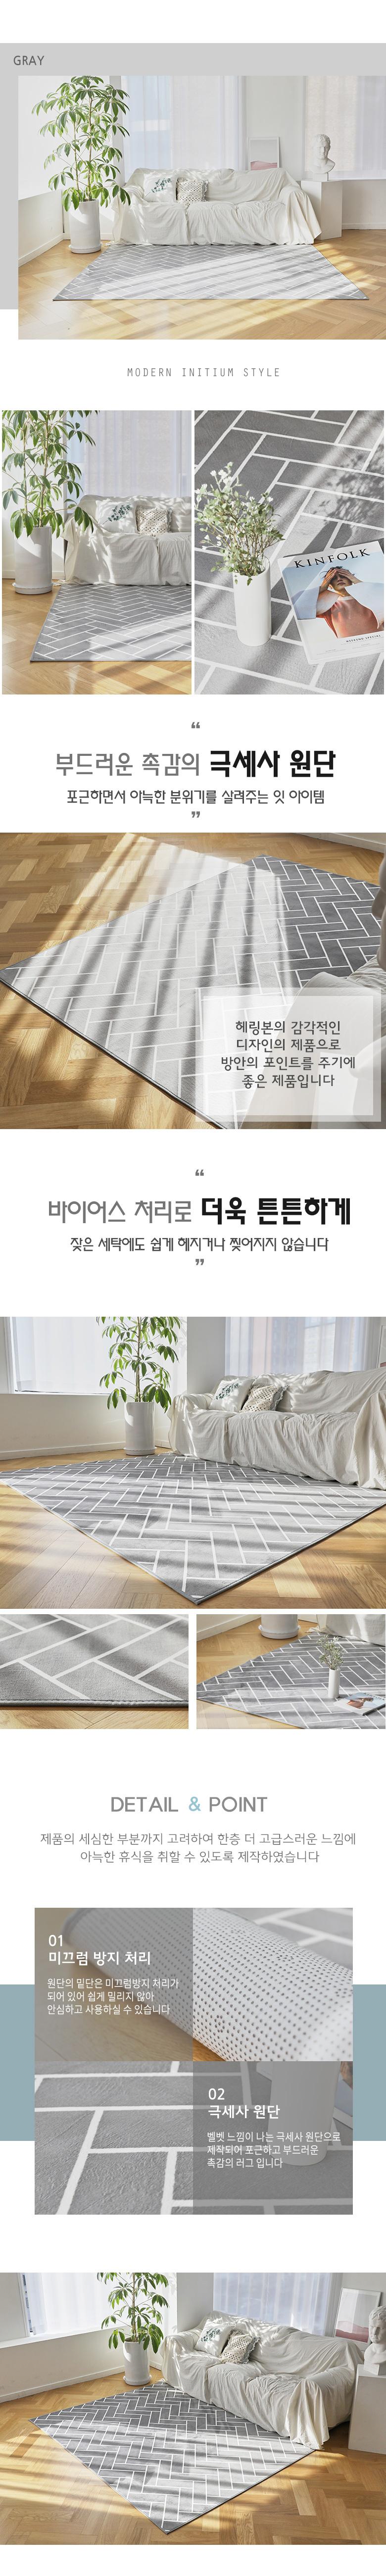 이니띠움 지그재그헤링본 러그,카페트 4color - 데코앤지 주식회사, 29,800원, 디자인러그, 극세사 카페트